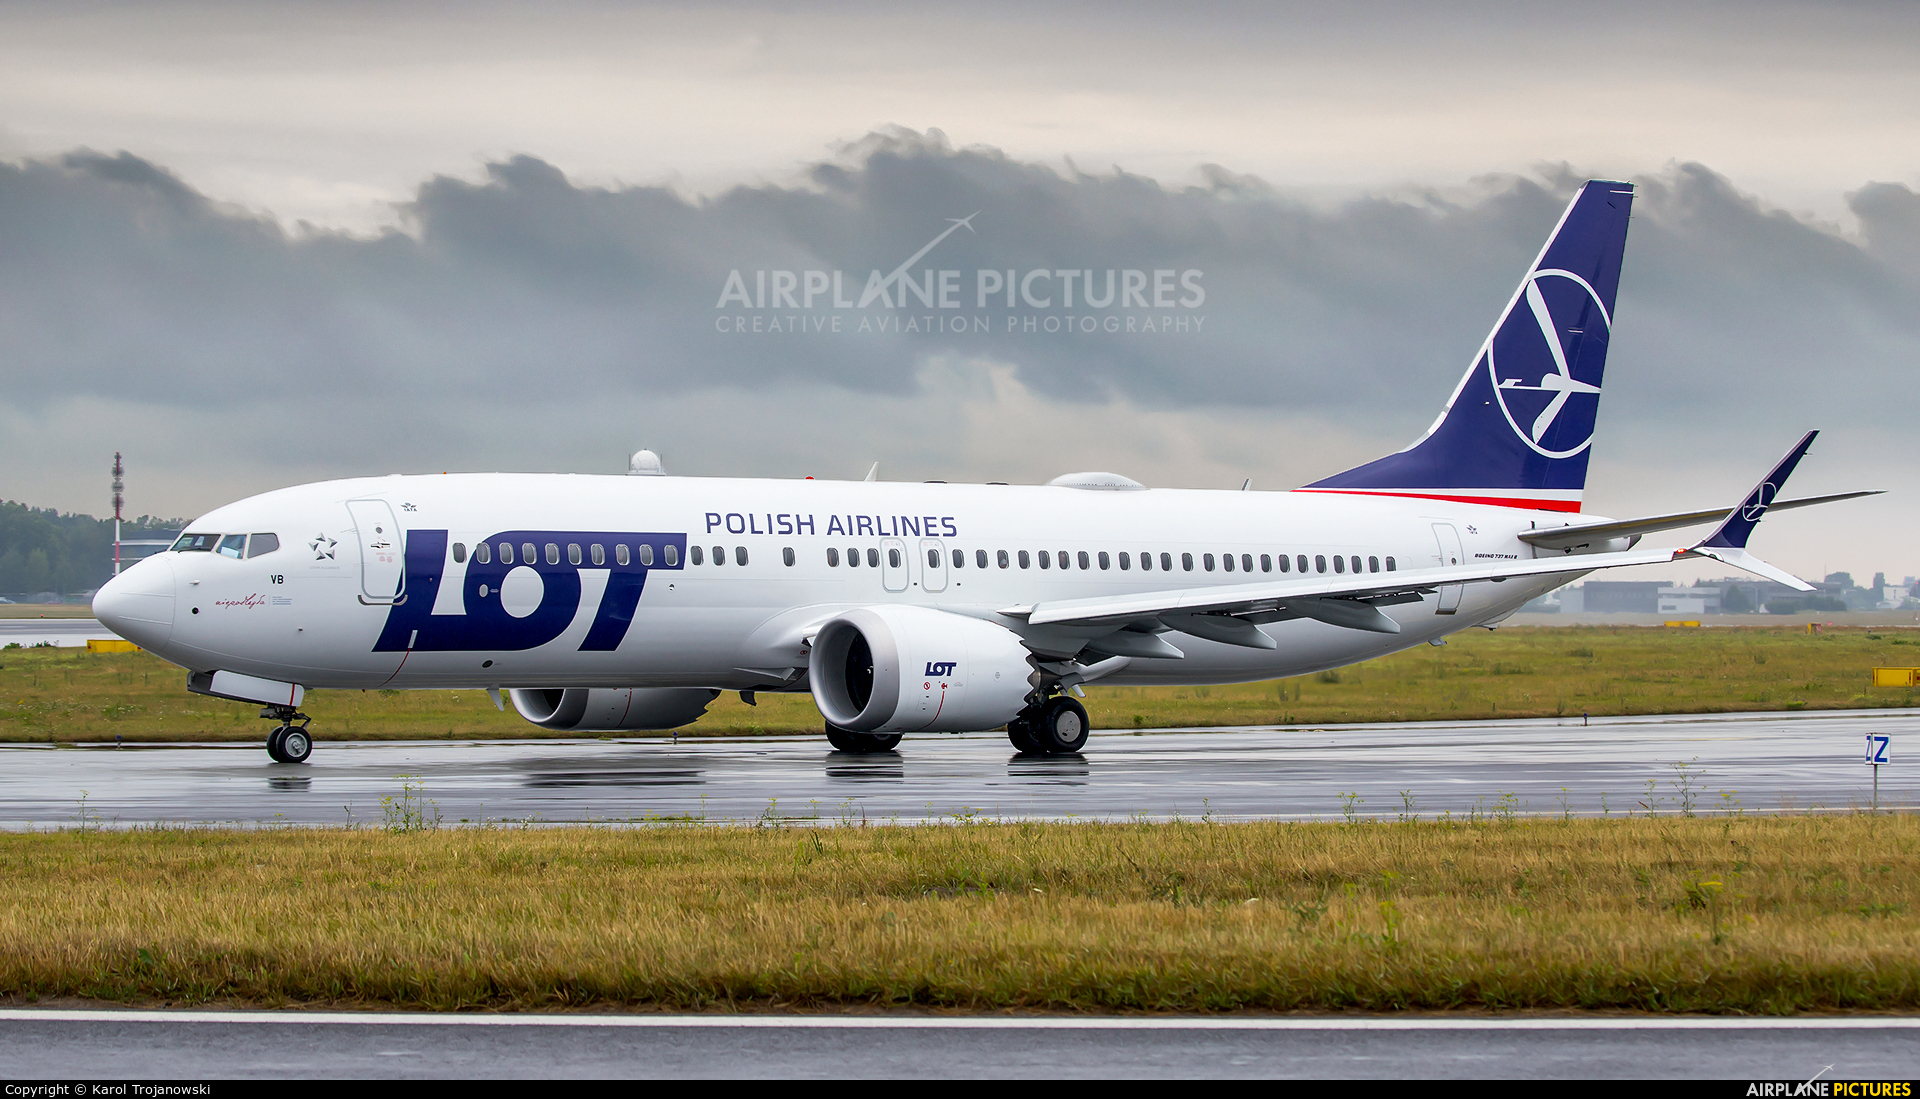 LOT - Polish Airlines SP-LVB aircraft at Warsaw - Frederic Chopin